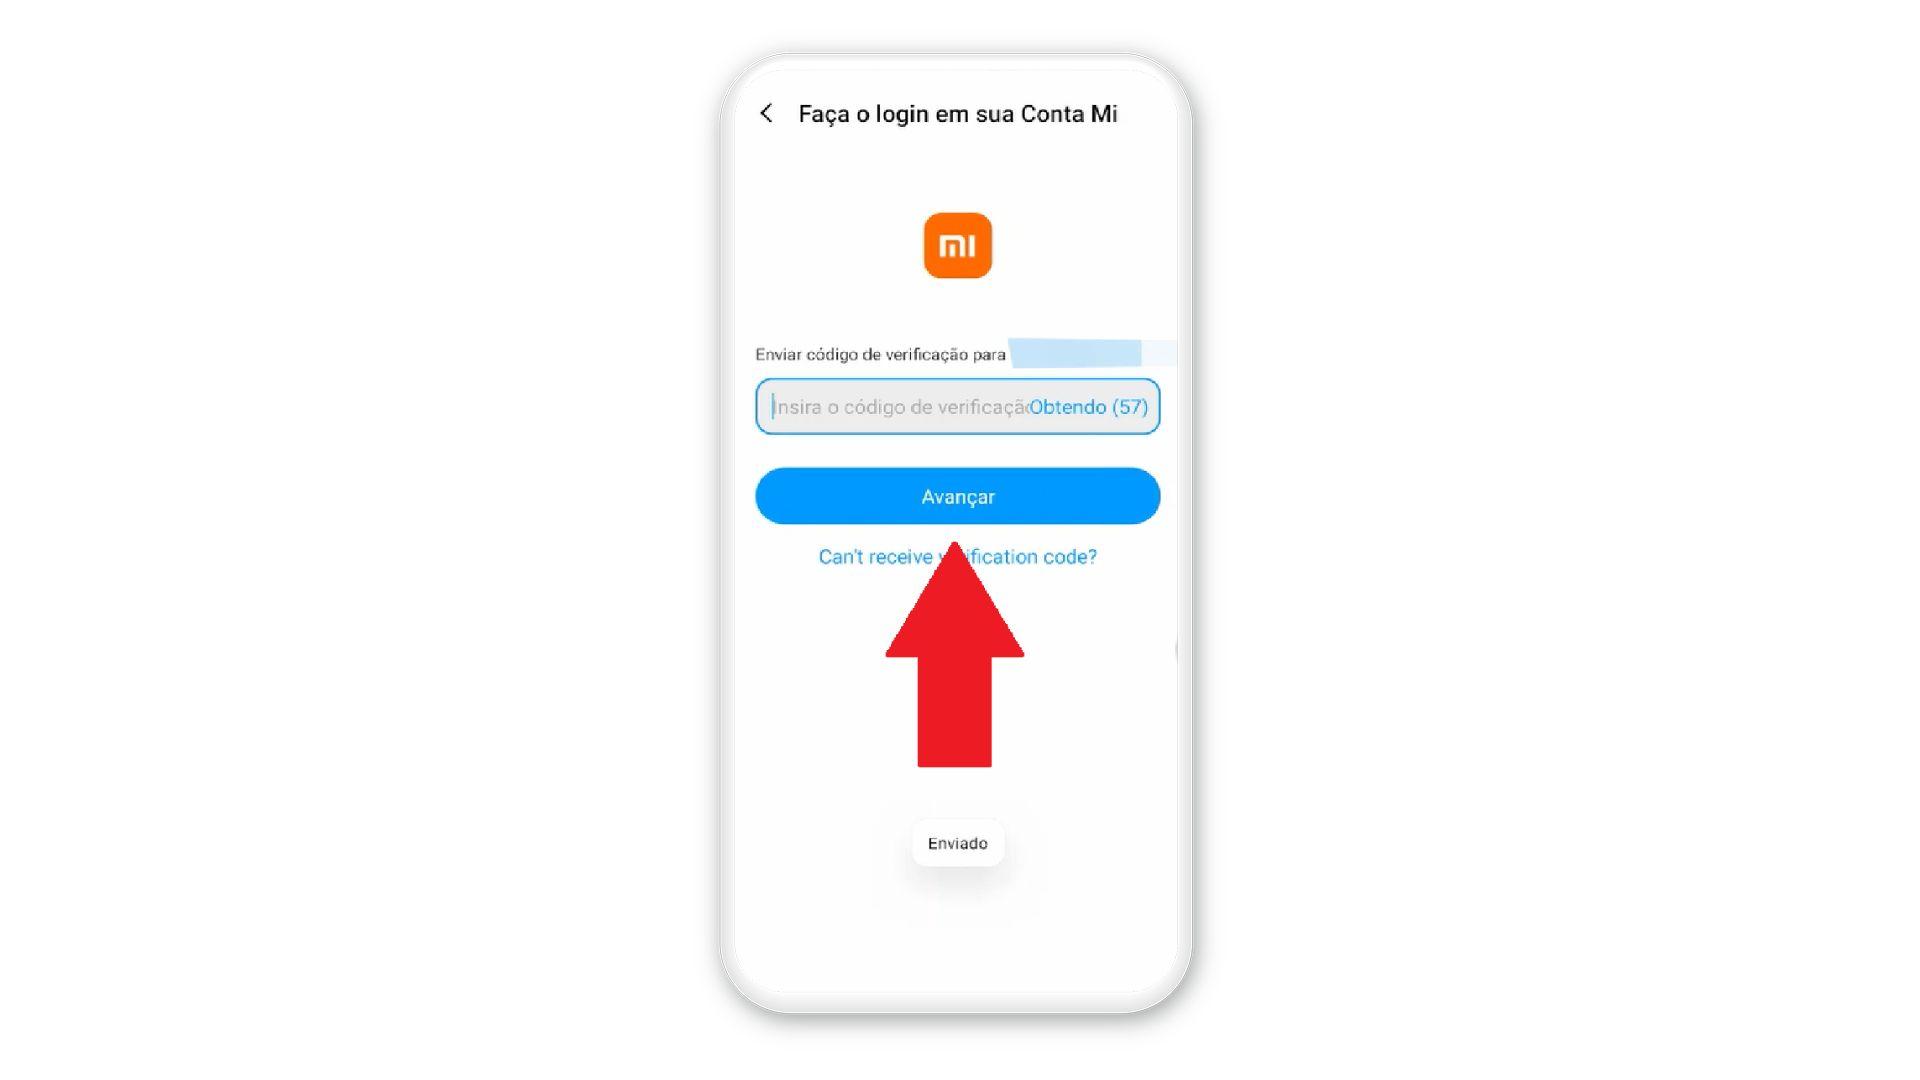 Após digitar o número de celular, é necessário digitar o código de verificação